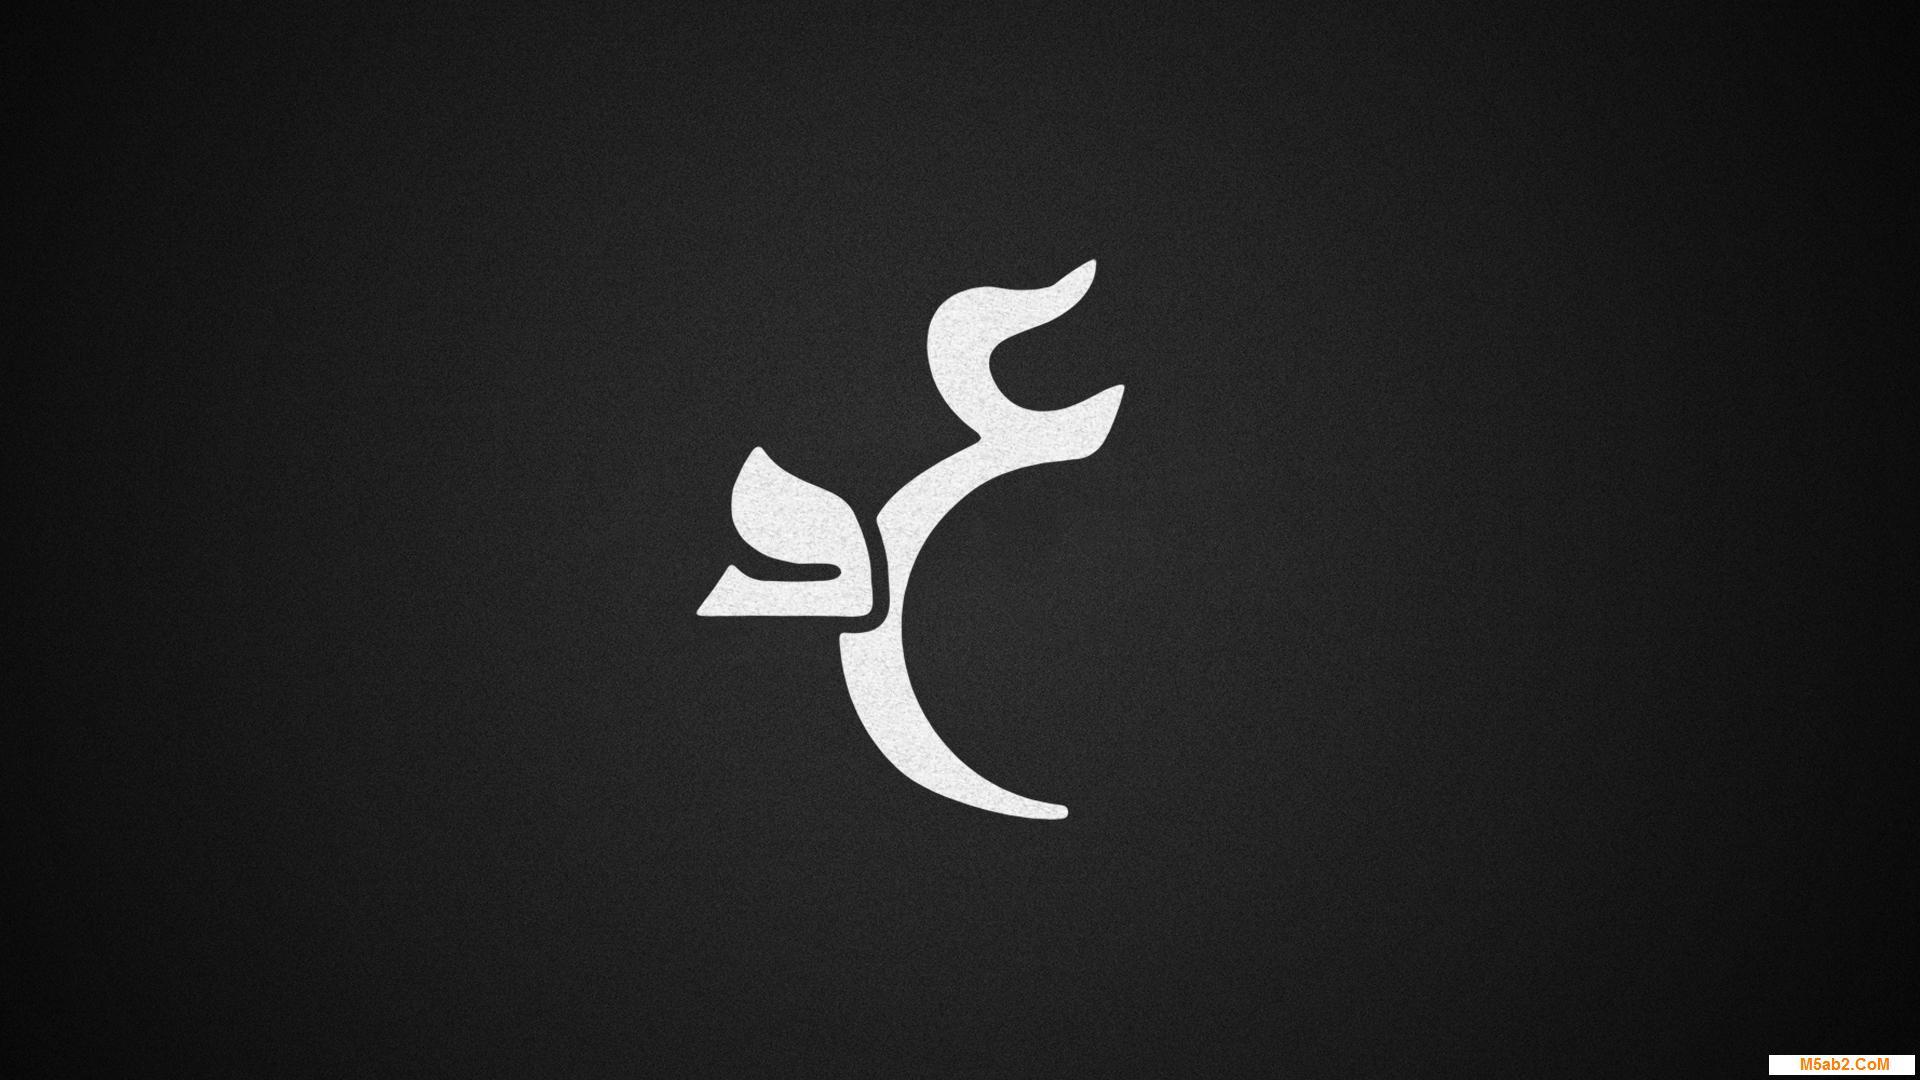 بوستر البوم عمرو دياب أحلي وأحلي - كفرات البوم أحلي وأحلي 2016